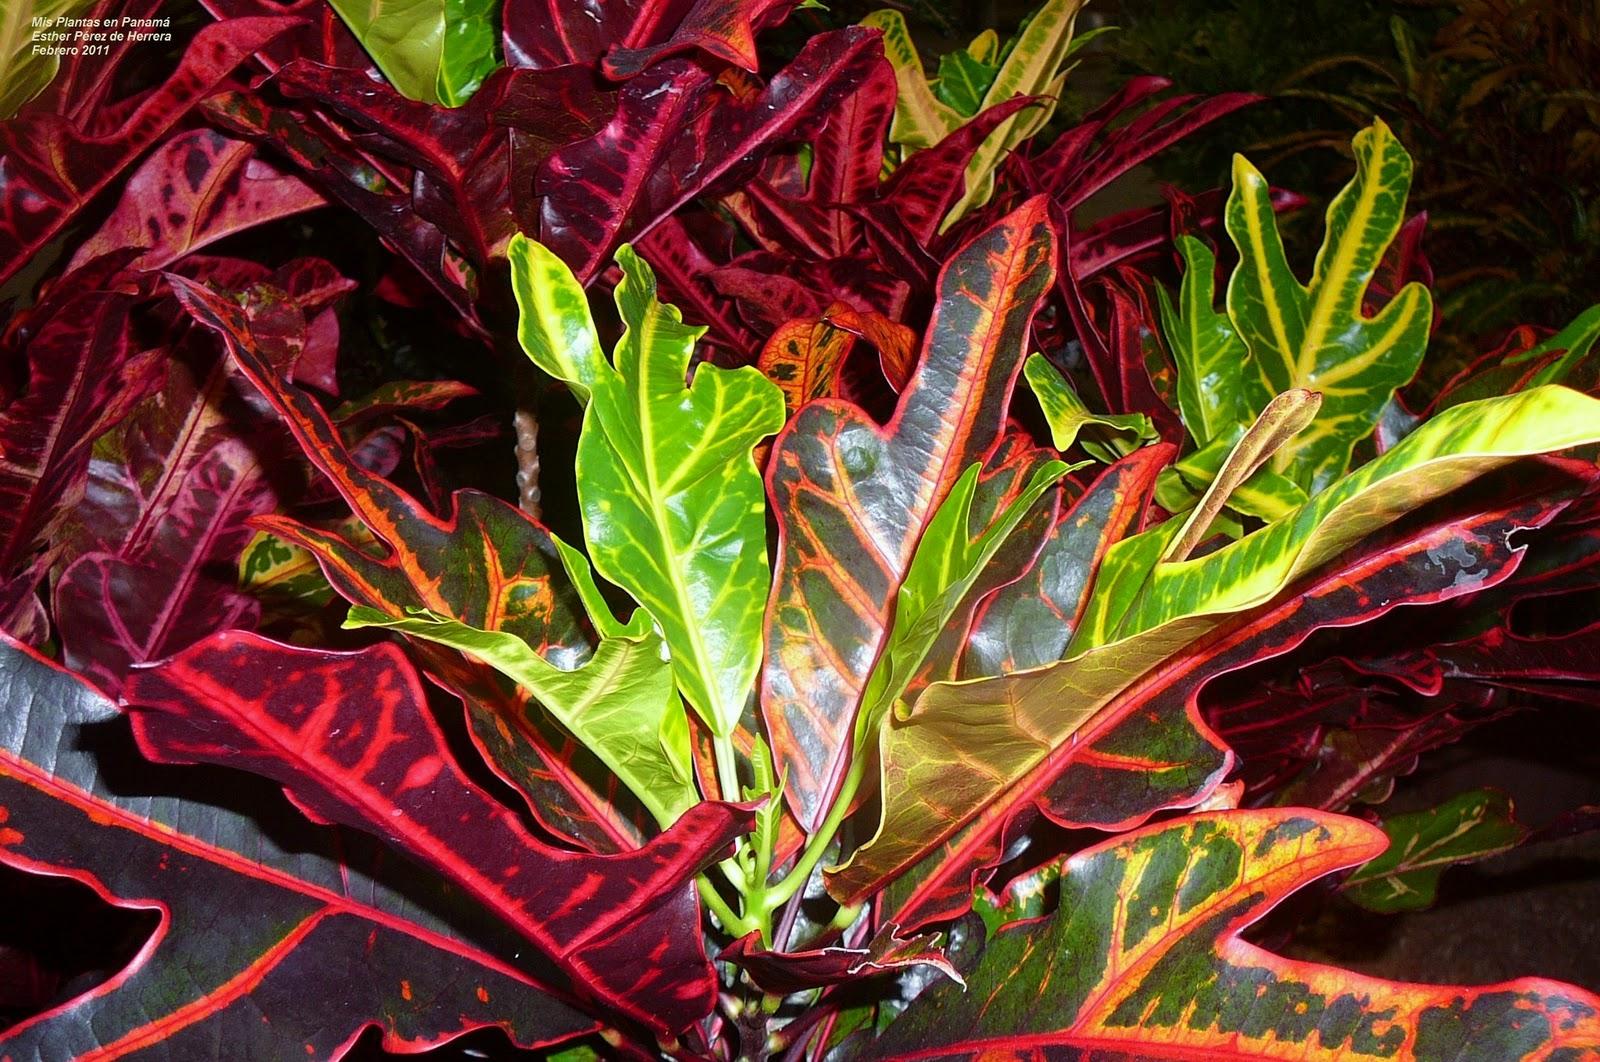 Mis plantas en panam temas relacionados for Plantas ornamentales croto